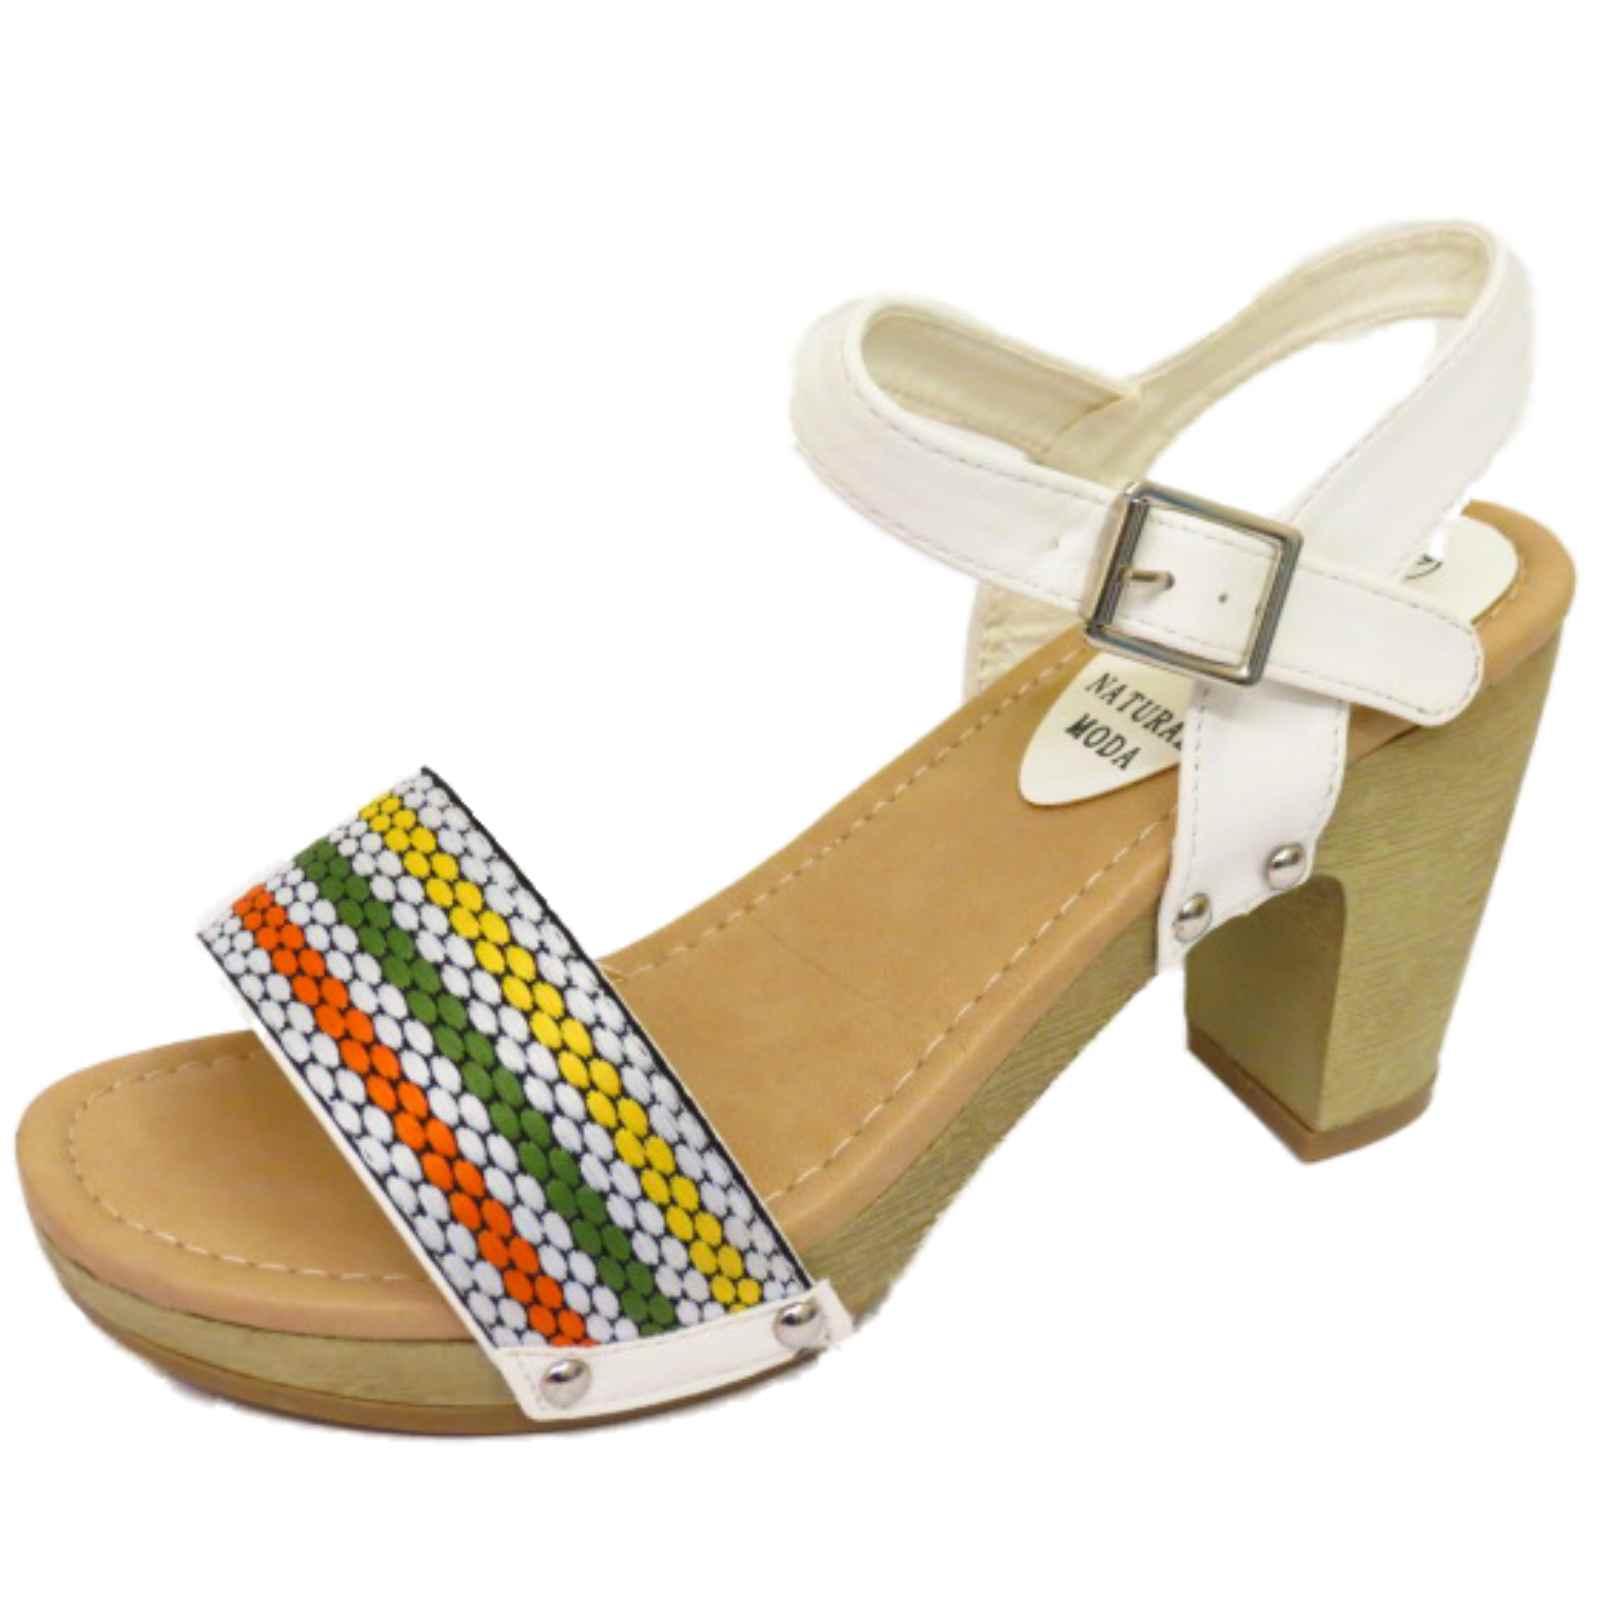 Mujer Blanca Slip-On Sin Puntera Sandalias De Tiras Zapatos De Vacaciones De Verano Zapatos De Salón 3-8